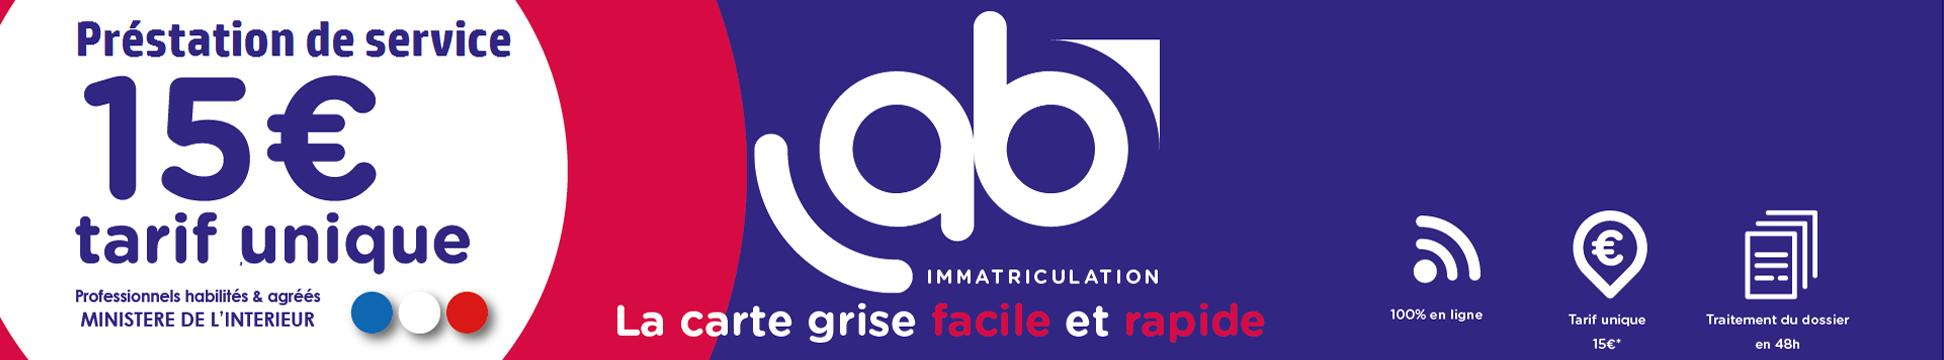 AB Immatriculation : La carte grise facile et rapide